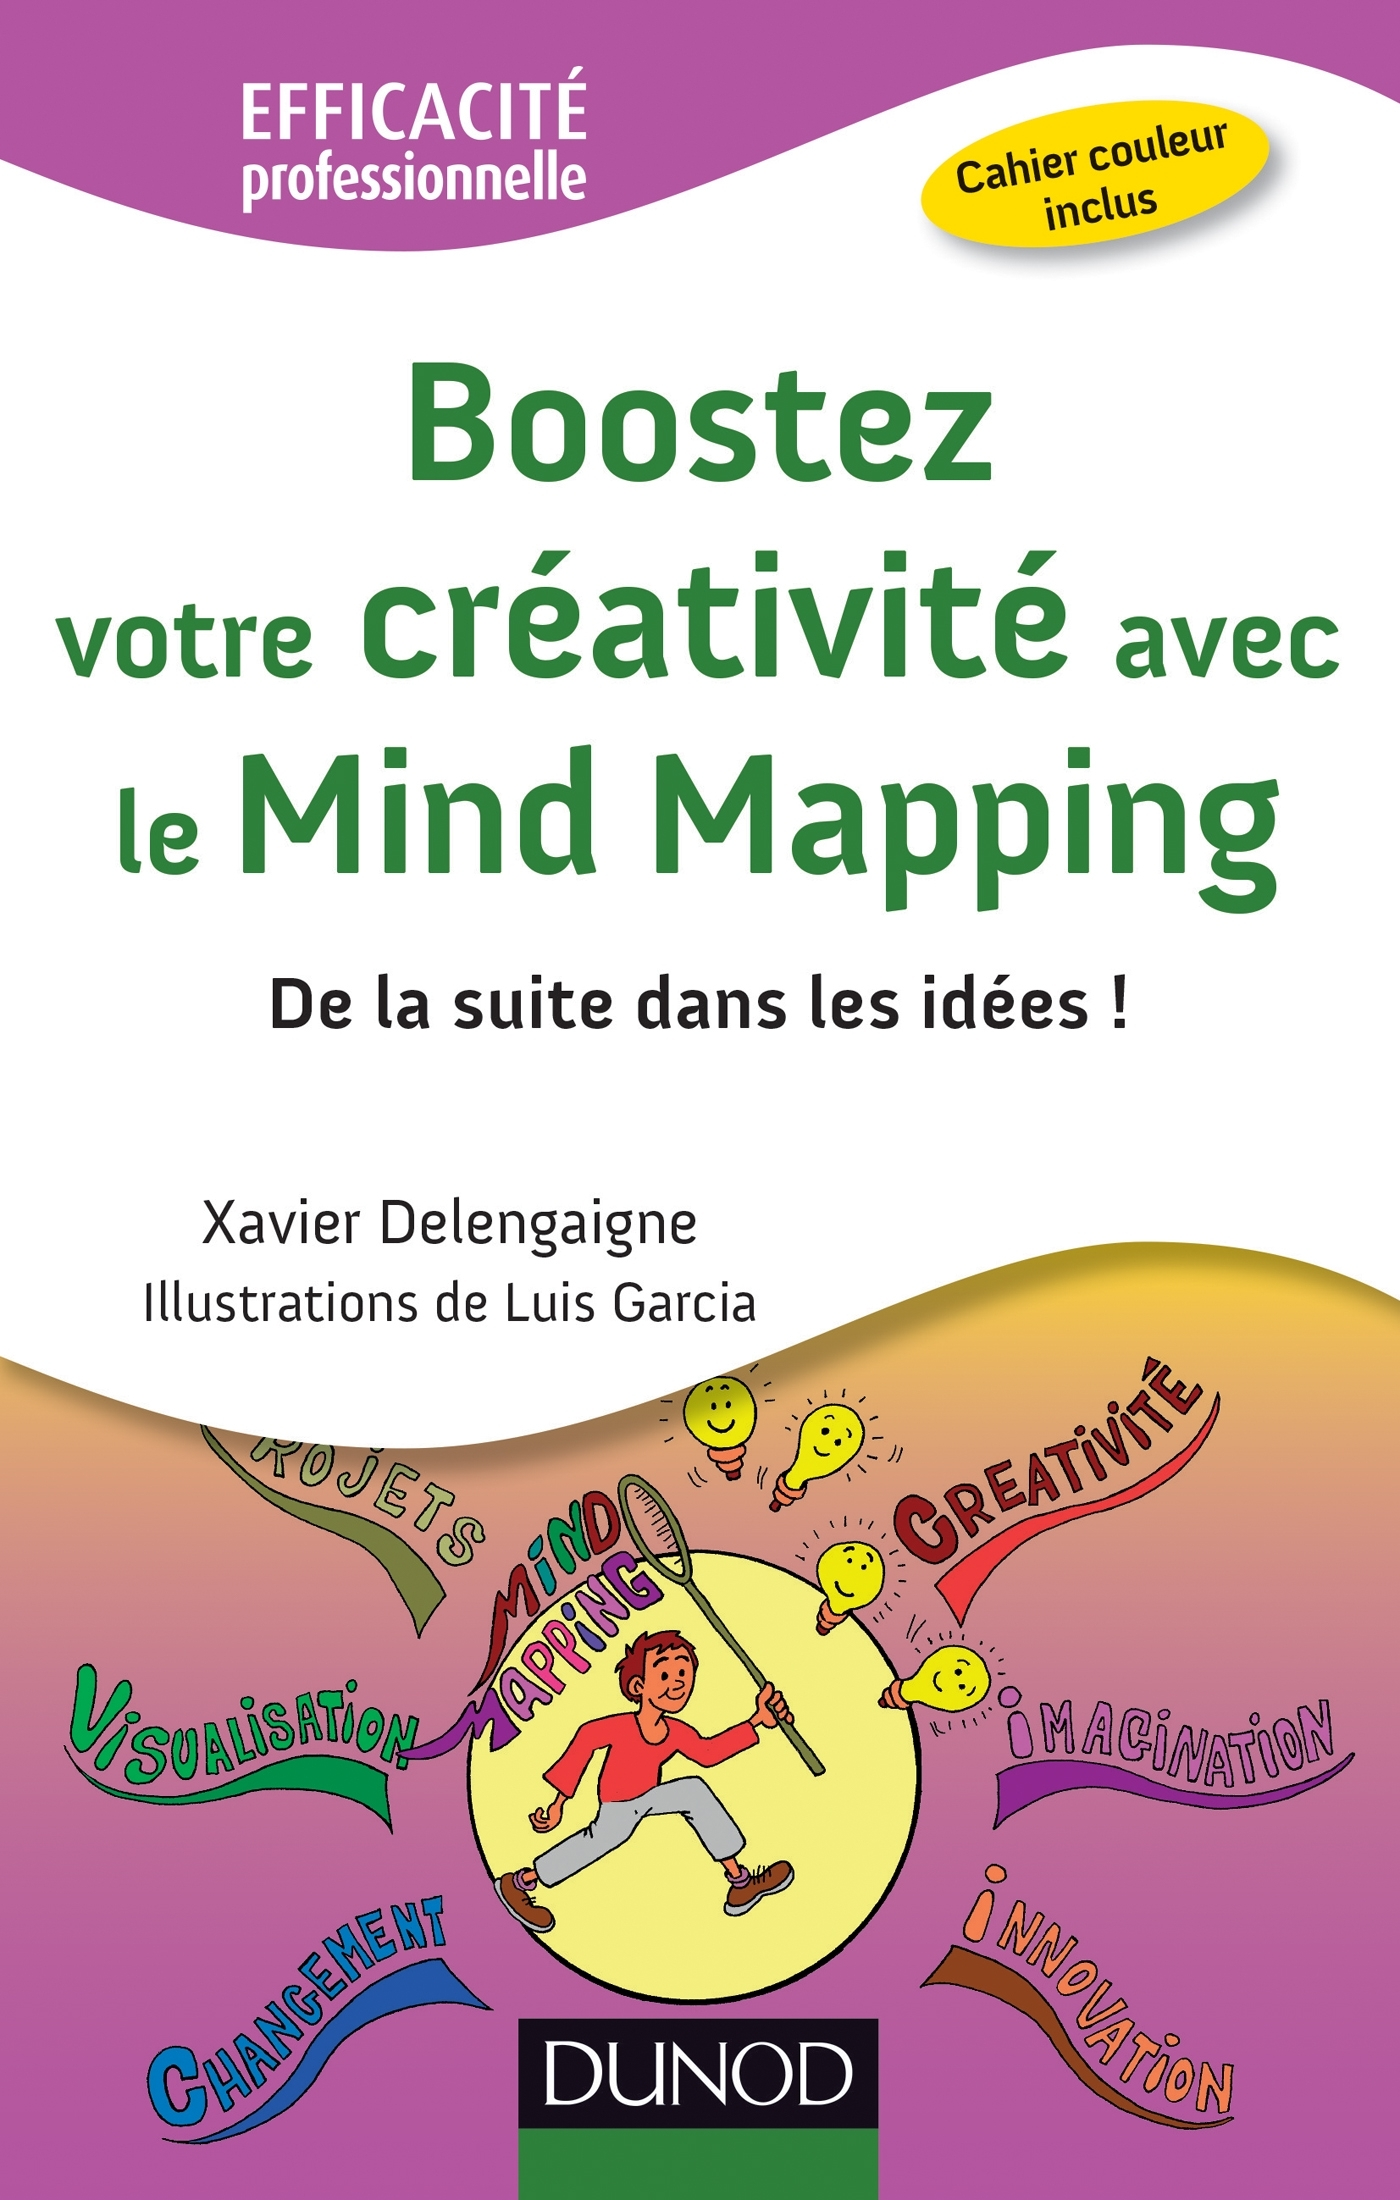 BOOSTEZ VOTRE CREATIVITE AVEC LE MIND MAPPING - DE LA SUITE DANS LES IDEES !